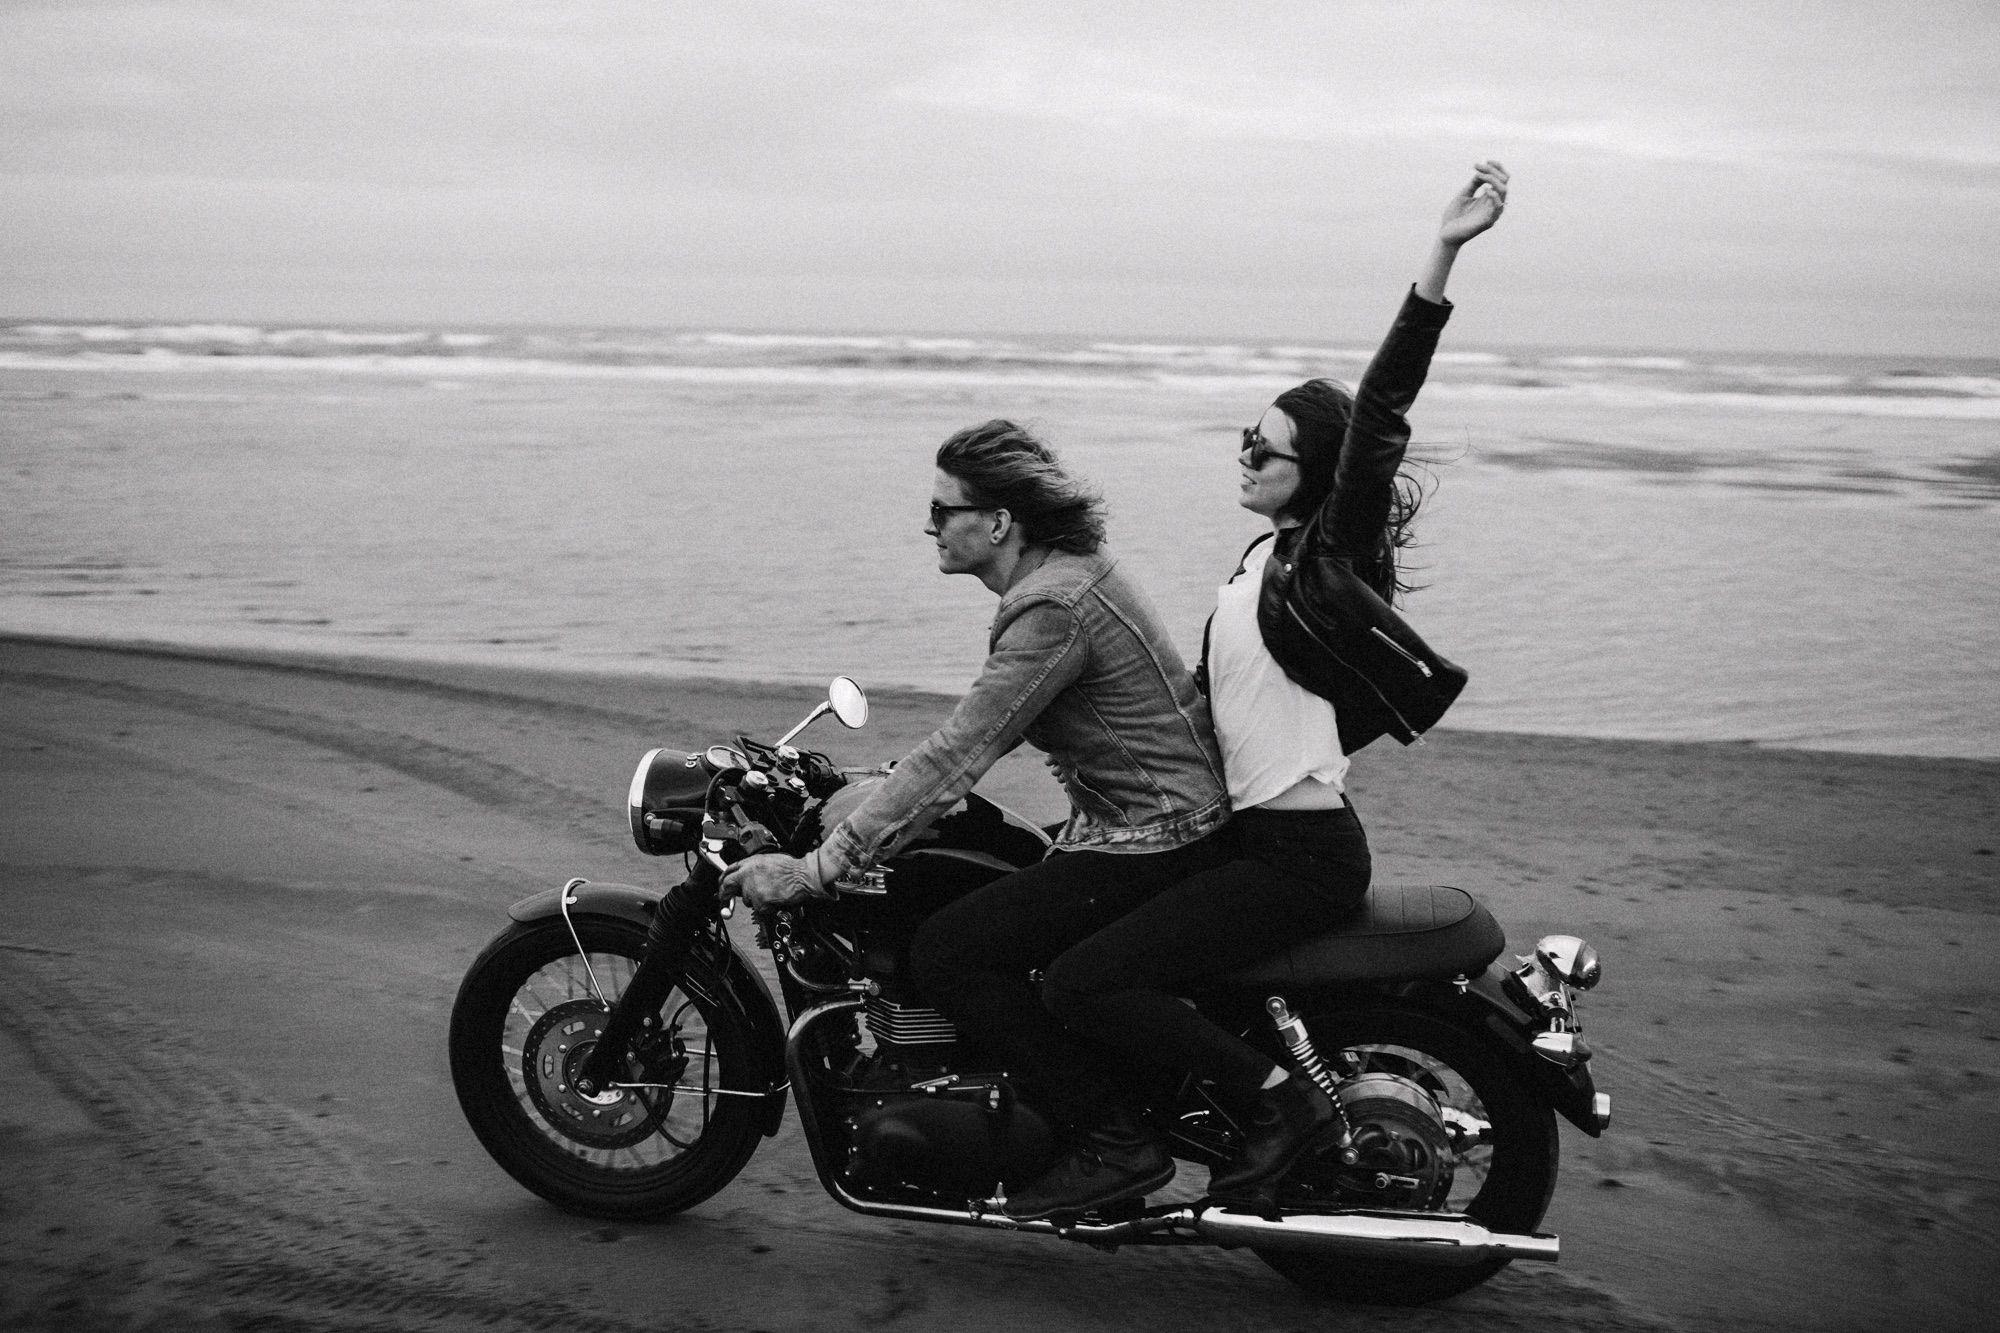 дает фото байкера на мотоцикле с любимым человеком для